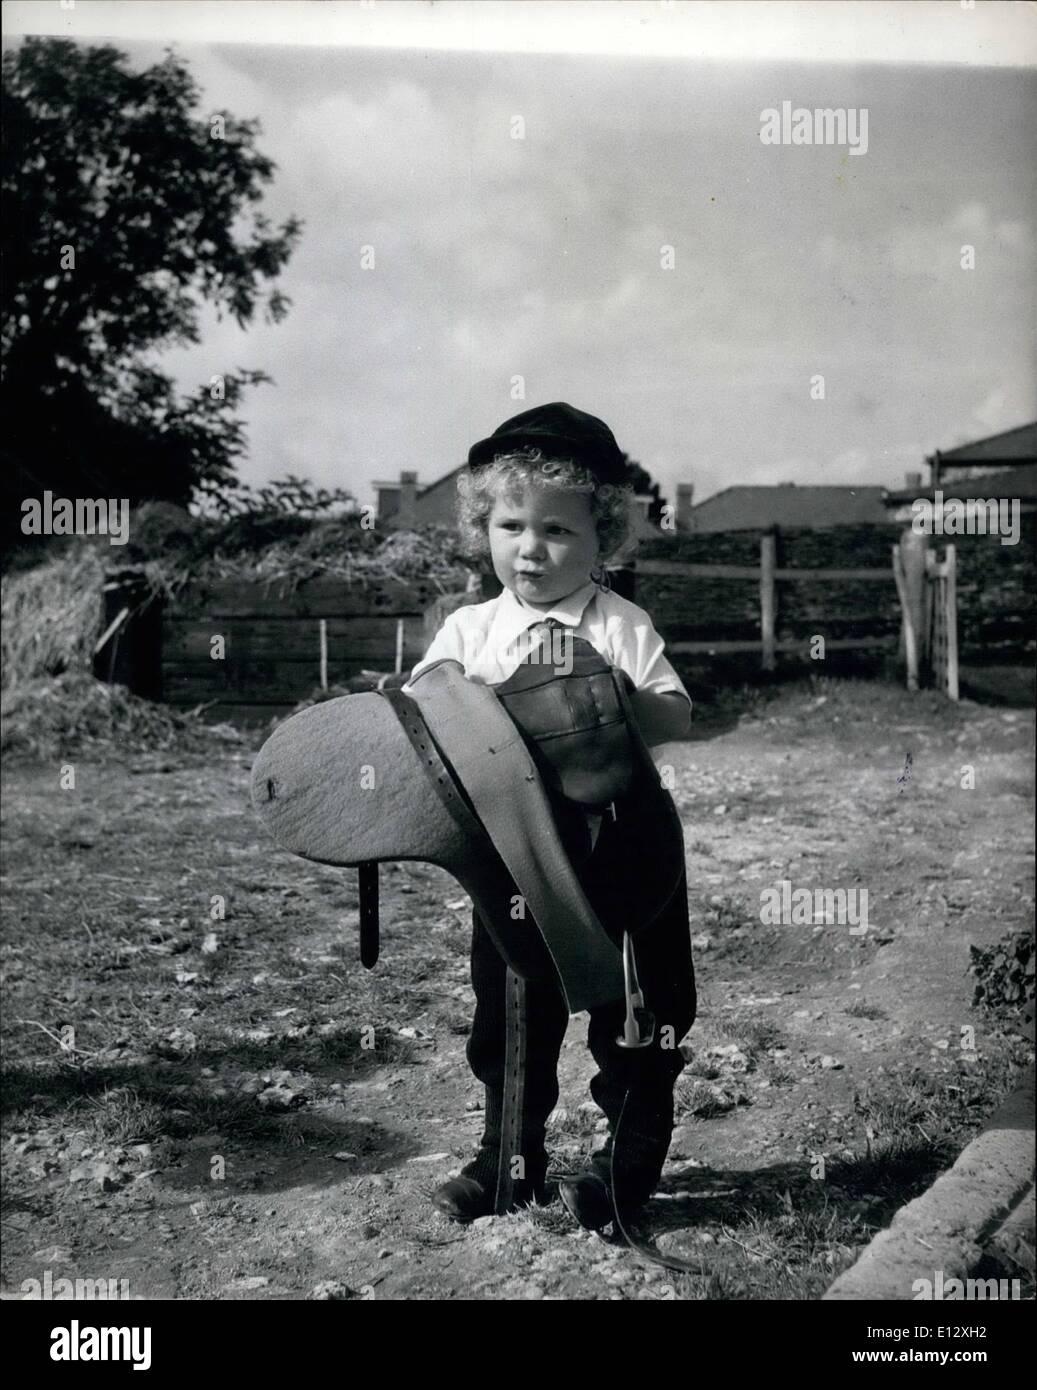 Febbraio 25, 2012 - La sella è grande quasi quanto egli è, ma che non si doter giovane Martin, che in due anni è già abbastanza un veterano pilota. Capelli ricci Martin vince trofei di equitazione presso i due anni di età: non molto tempo fa che 2 anni di Martin Brierley imparato a camminare e già ha vinto un paio di rosette per le sue esibizioni in gymkhanas vicino alla sua casa a Salisbury Road, Worthing Sussex. Capelli Cuarly Martin è stato equitazione poiché egli è stato di 18 mesi di età ed è il membro più giovane del Crawley e Horsham ramo del Pony club Immagini Stock